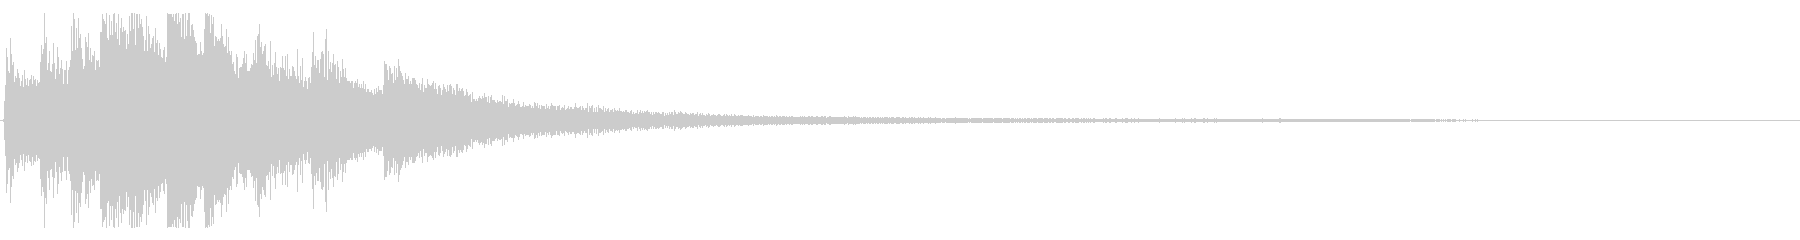 KANTジングルピアノ&ギター2の未再生の波形